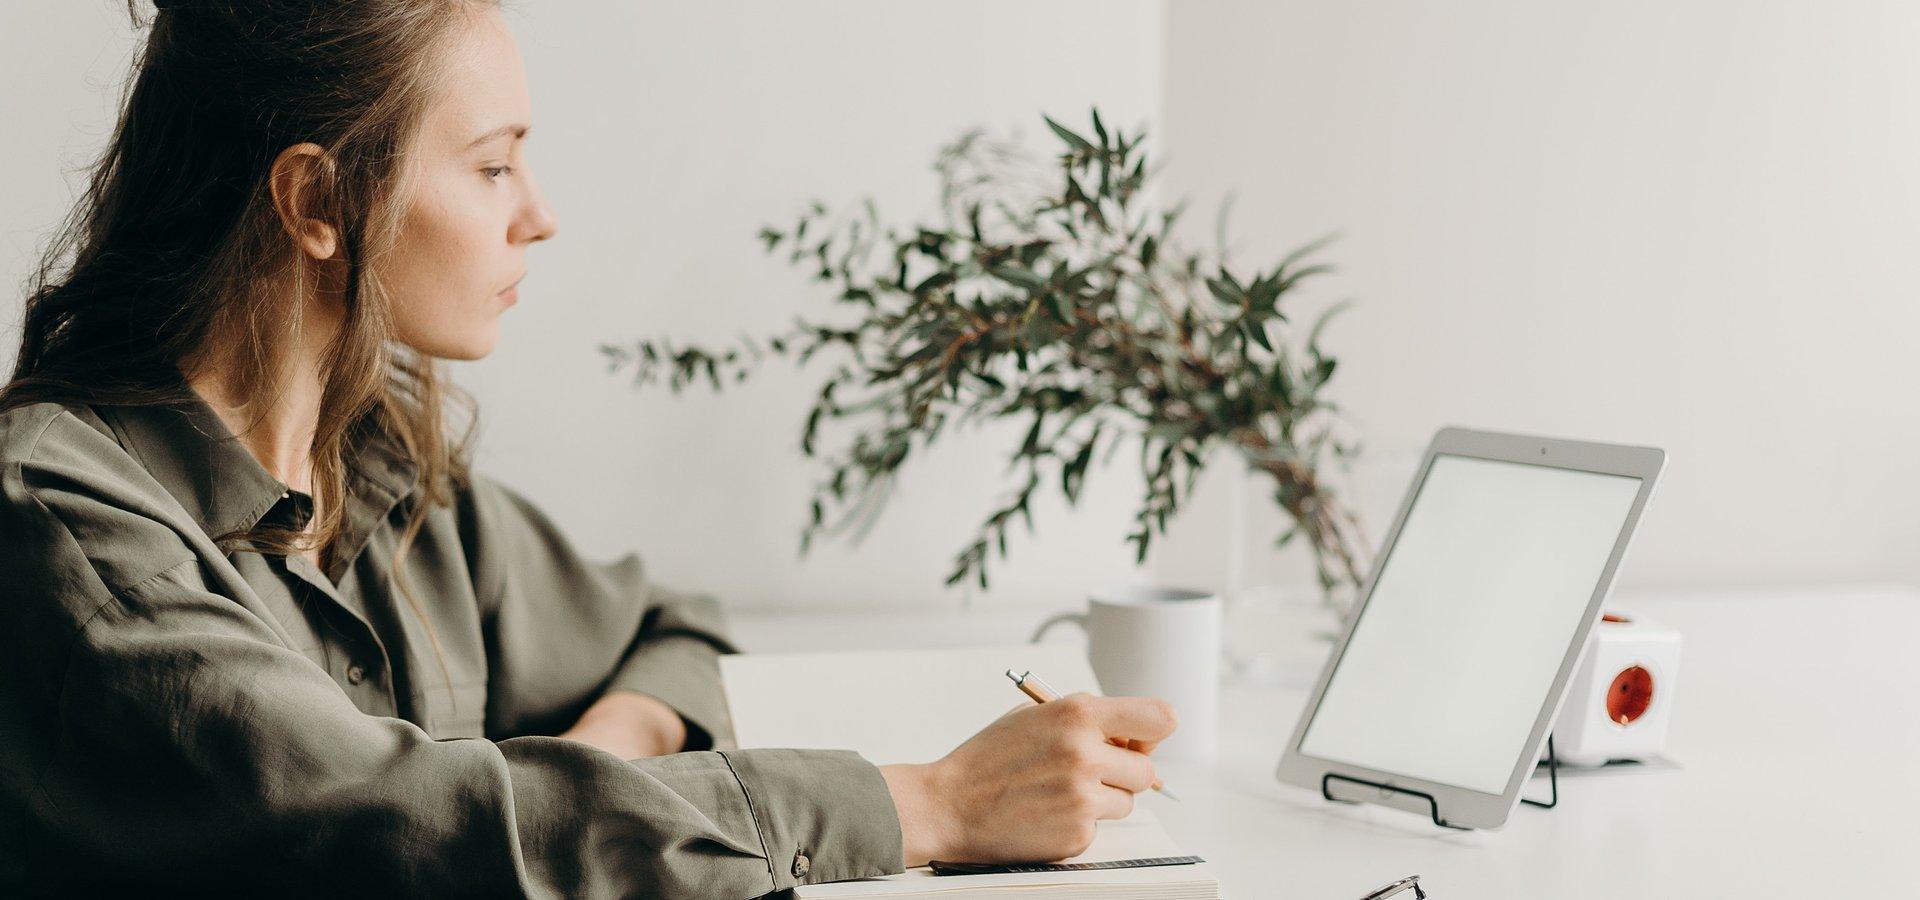 Pracownik w centrum zainteresowania, czyli wellbeing w praktyce. Sprawdź, jak robią to liderzy